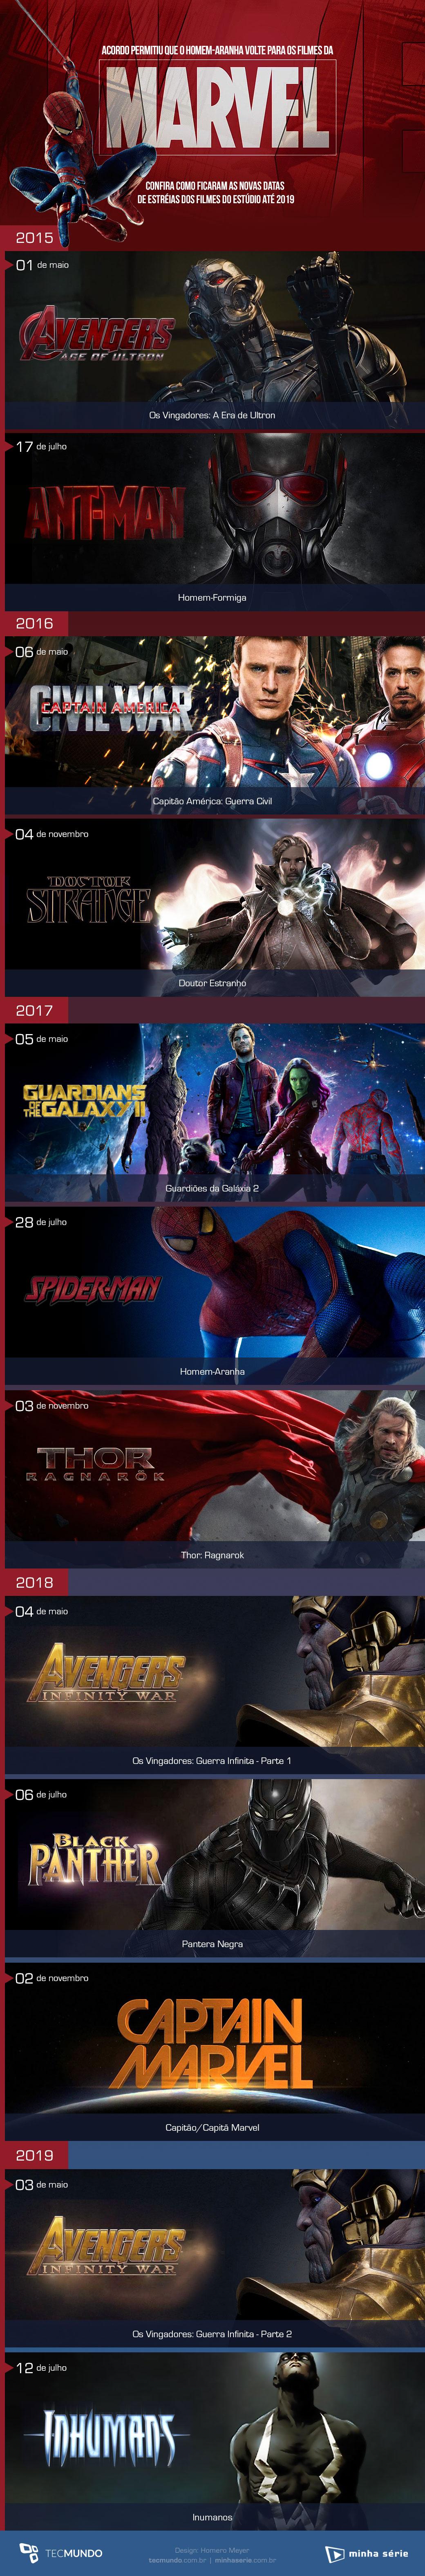 Efeito Homem-Aranha: confira as novas datas de estreia dos filmes da Marvel